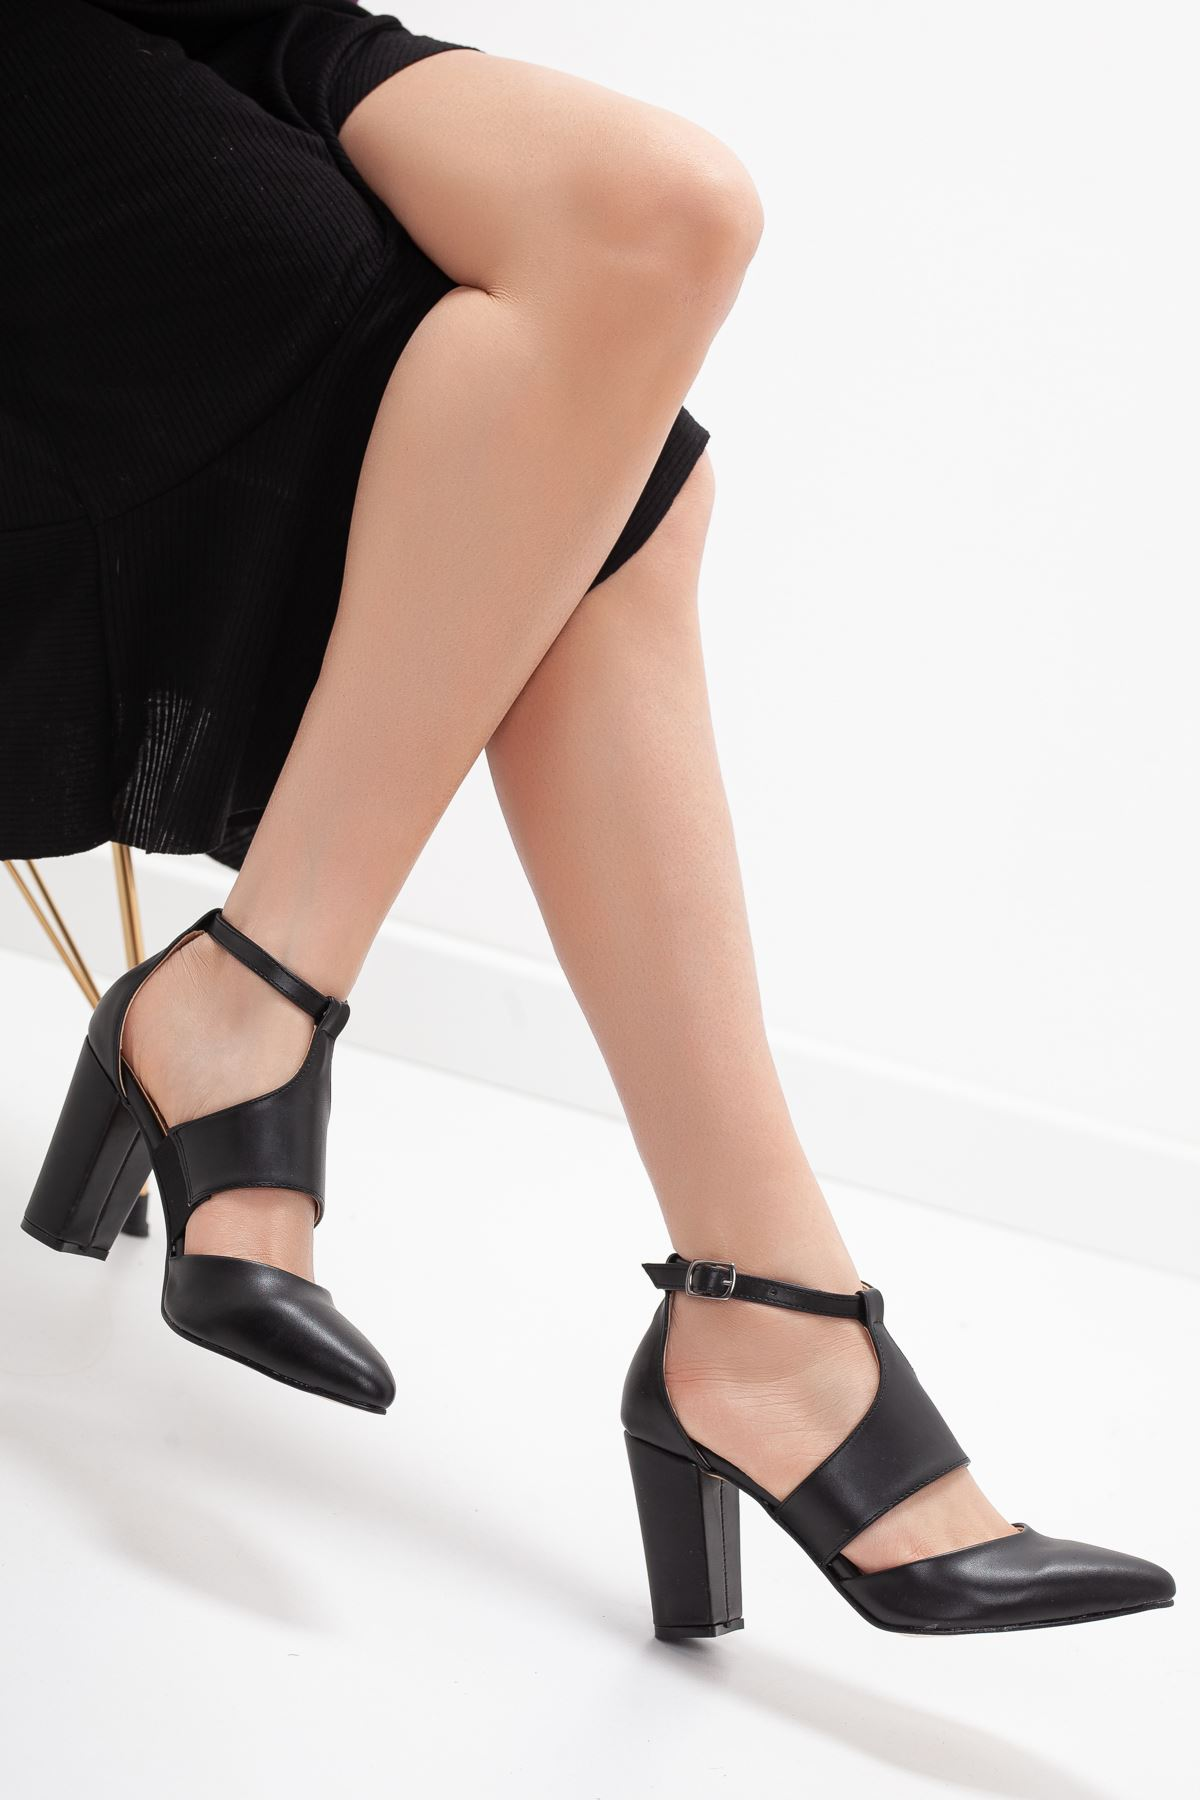 YUBERTA topuklu cilt ayakkabı Siyah